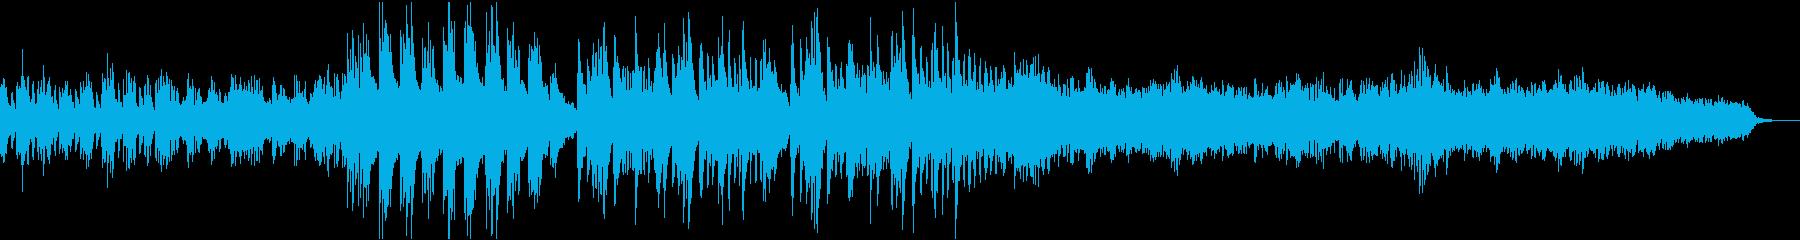 チャイコフスキー四季より11月トロイカの再生済みの波形